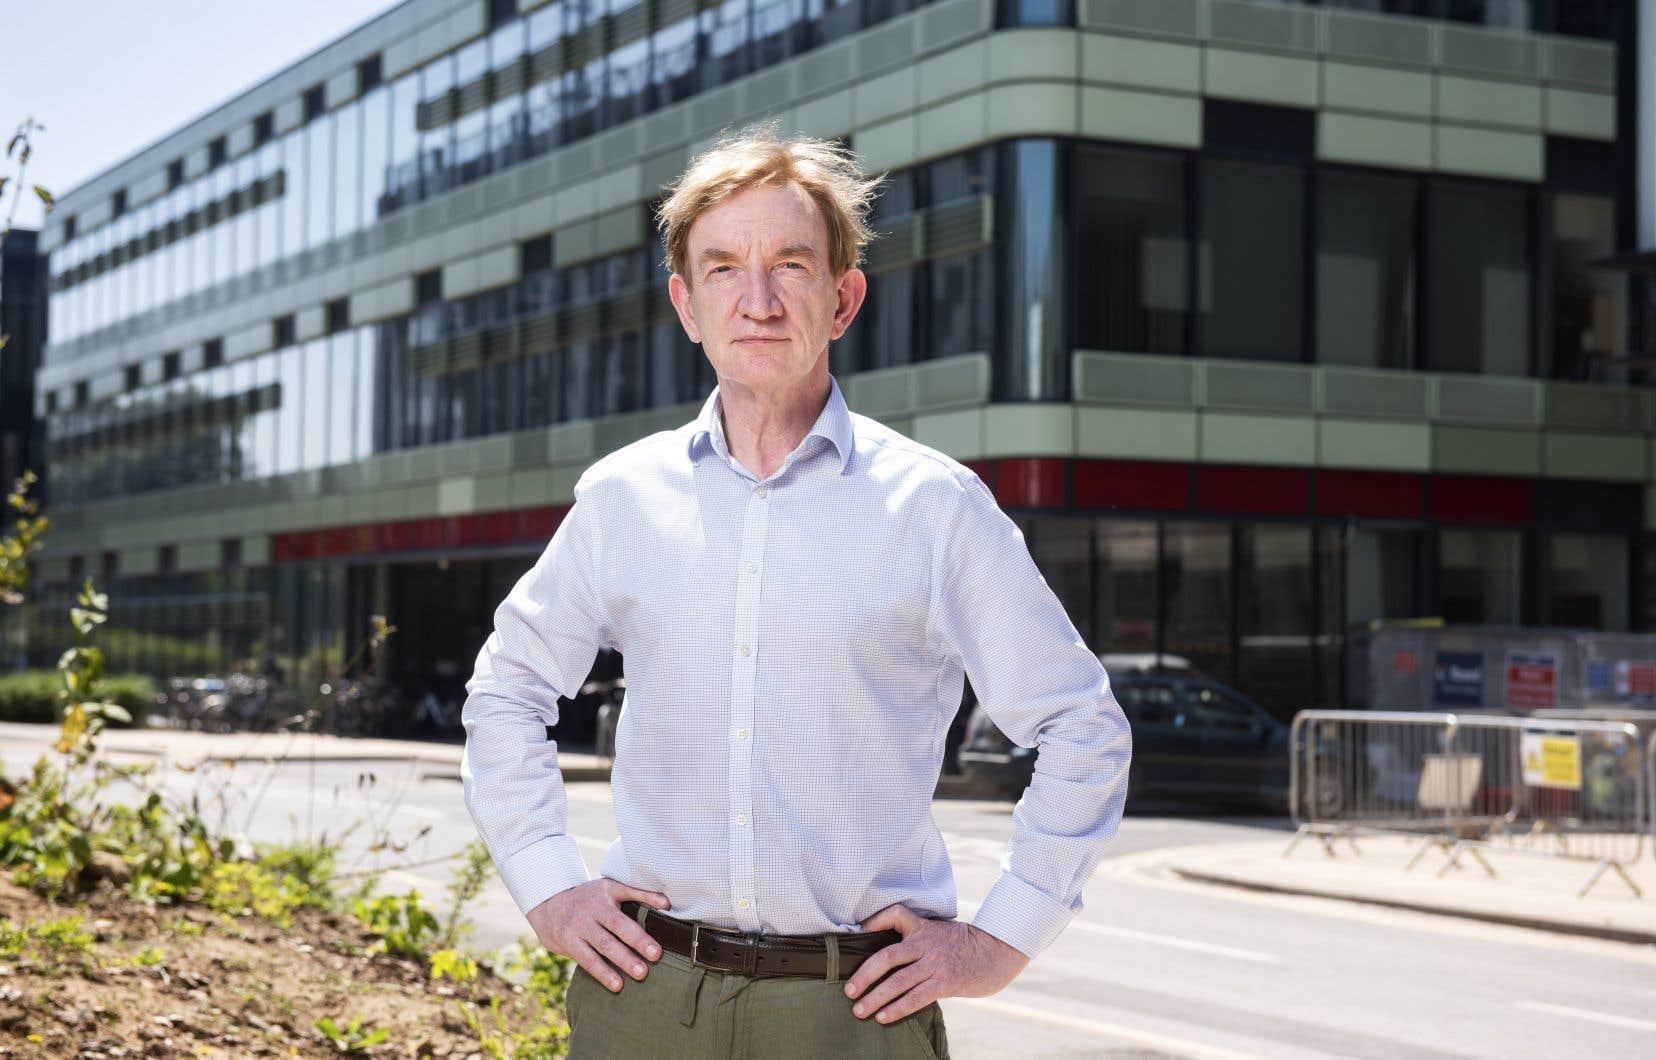 Adrian Hill, directeur de l'Institut Jenner, dirige les recherches pour trouver un vaccin contre la COVID-19 à l'Université d'Oxford.